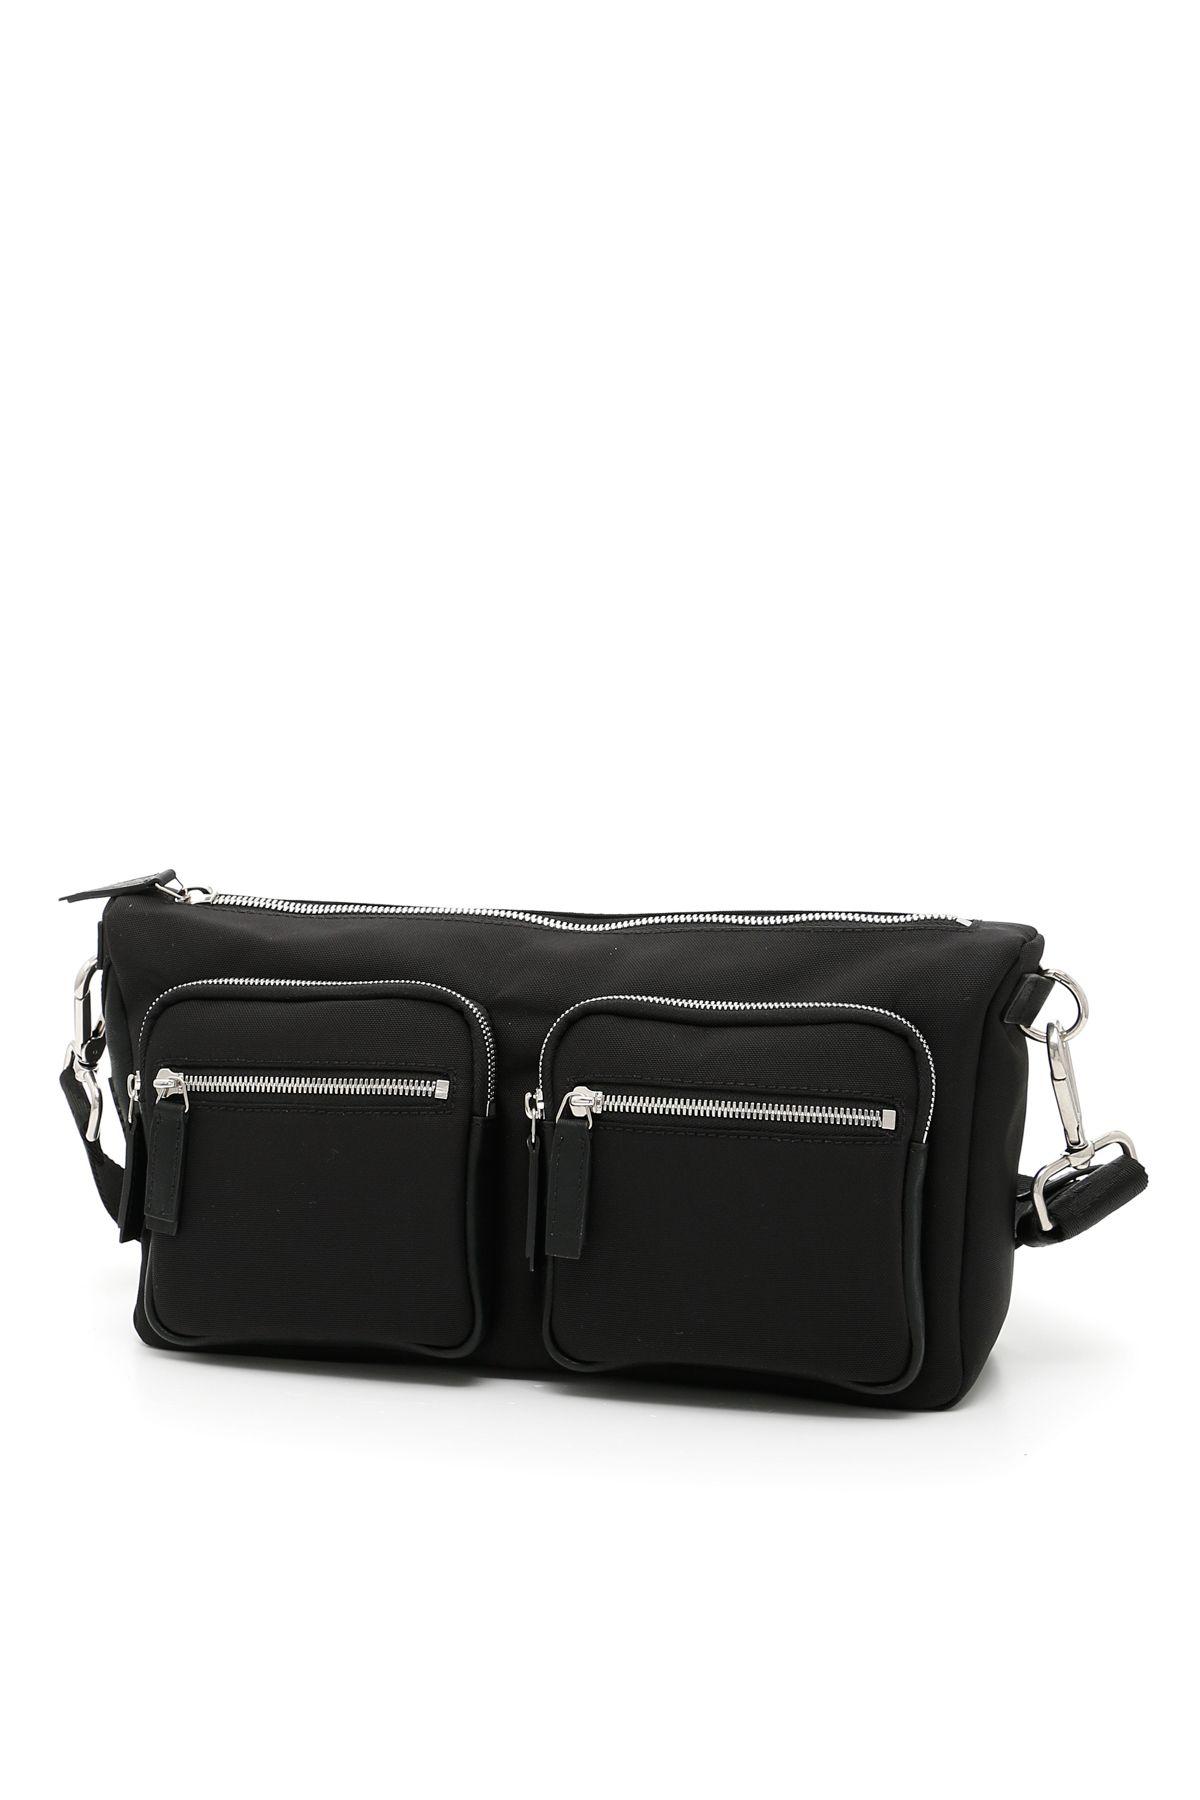 Capsule Bag